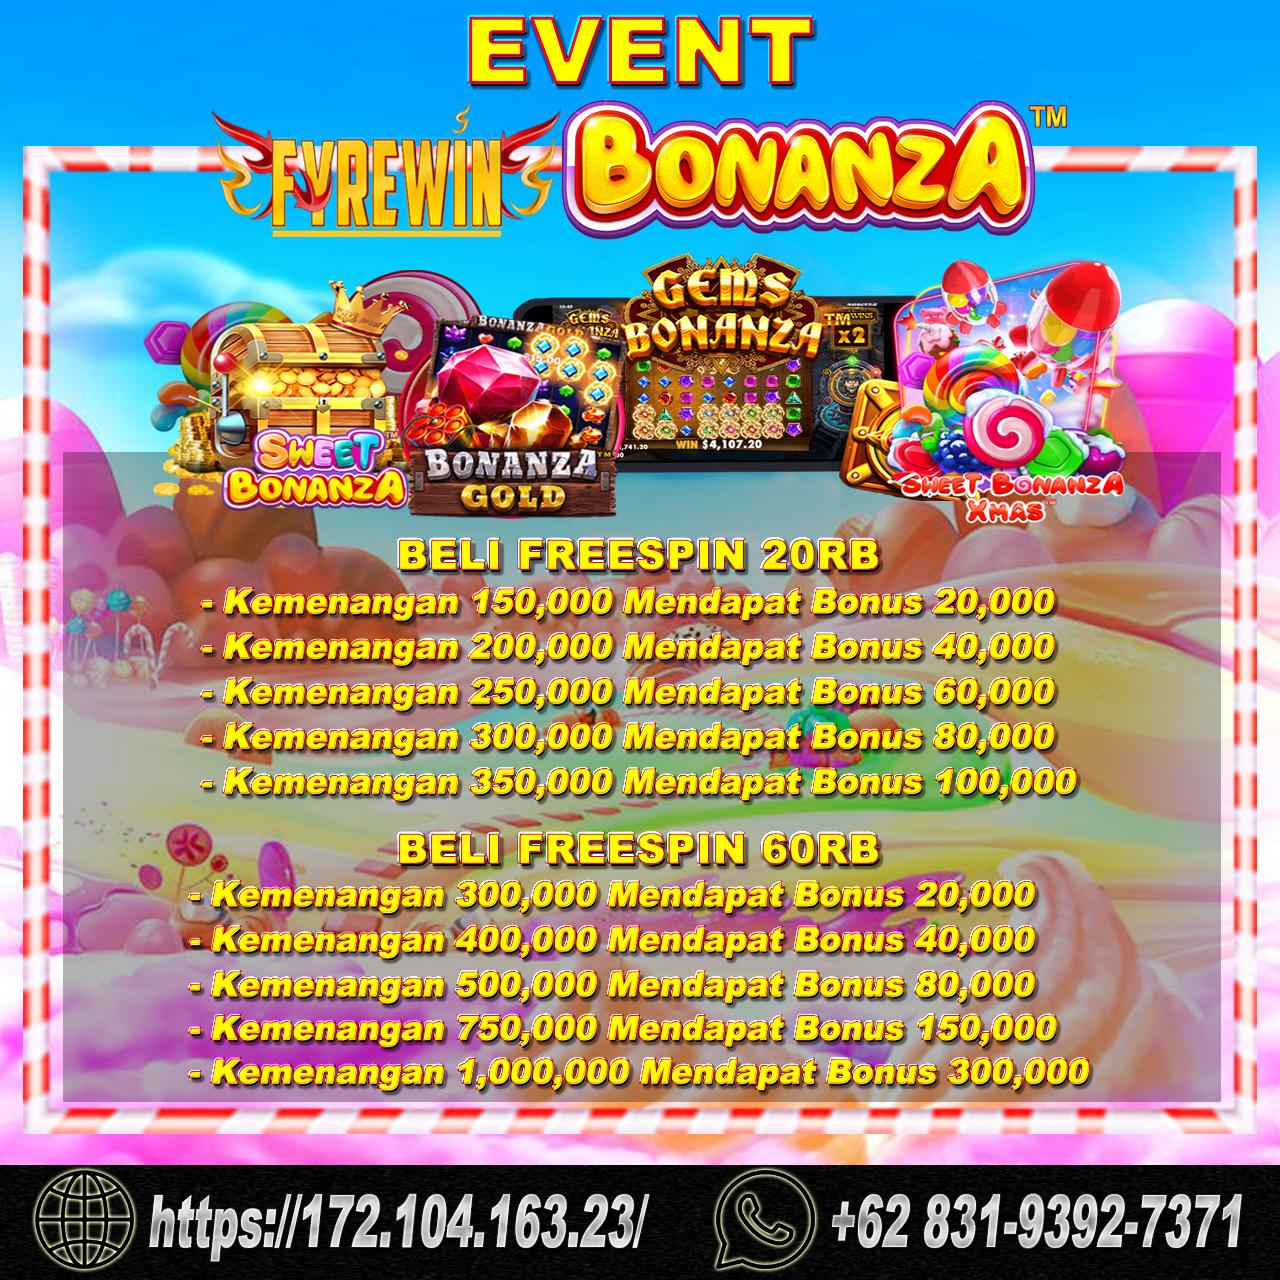 EVENT BONANZA PARTY